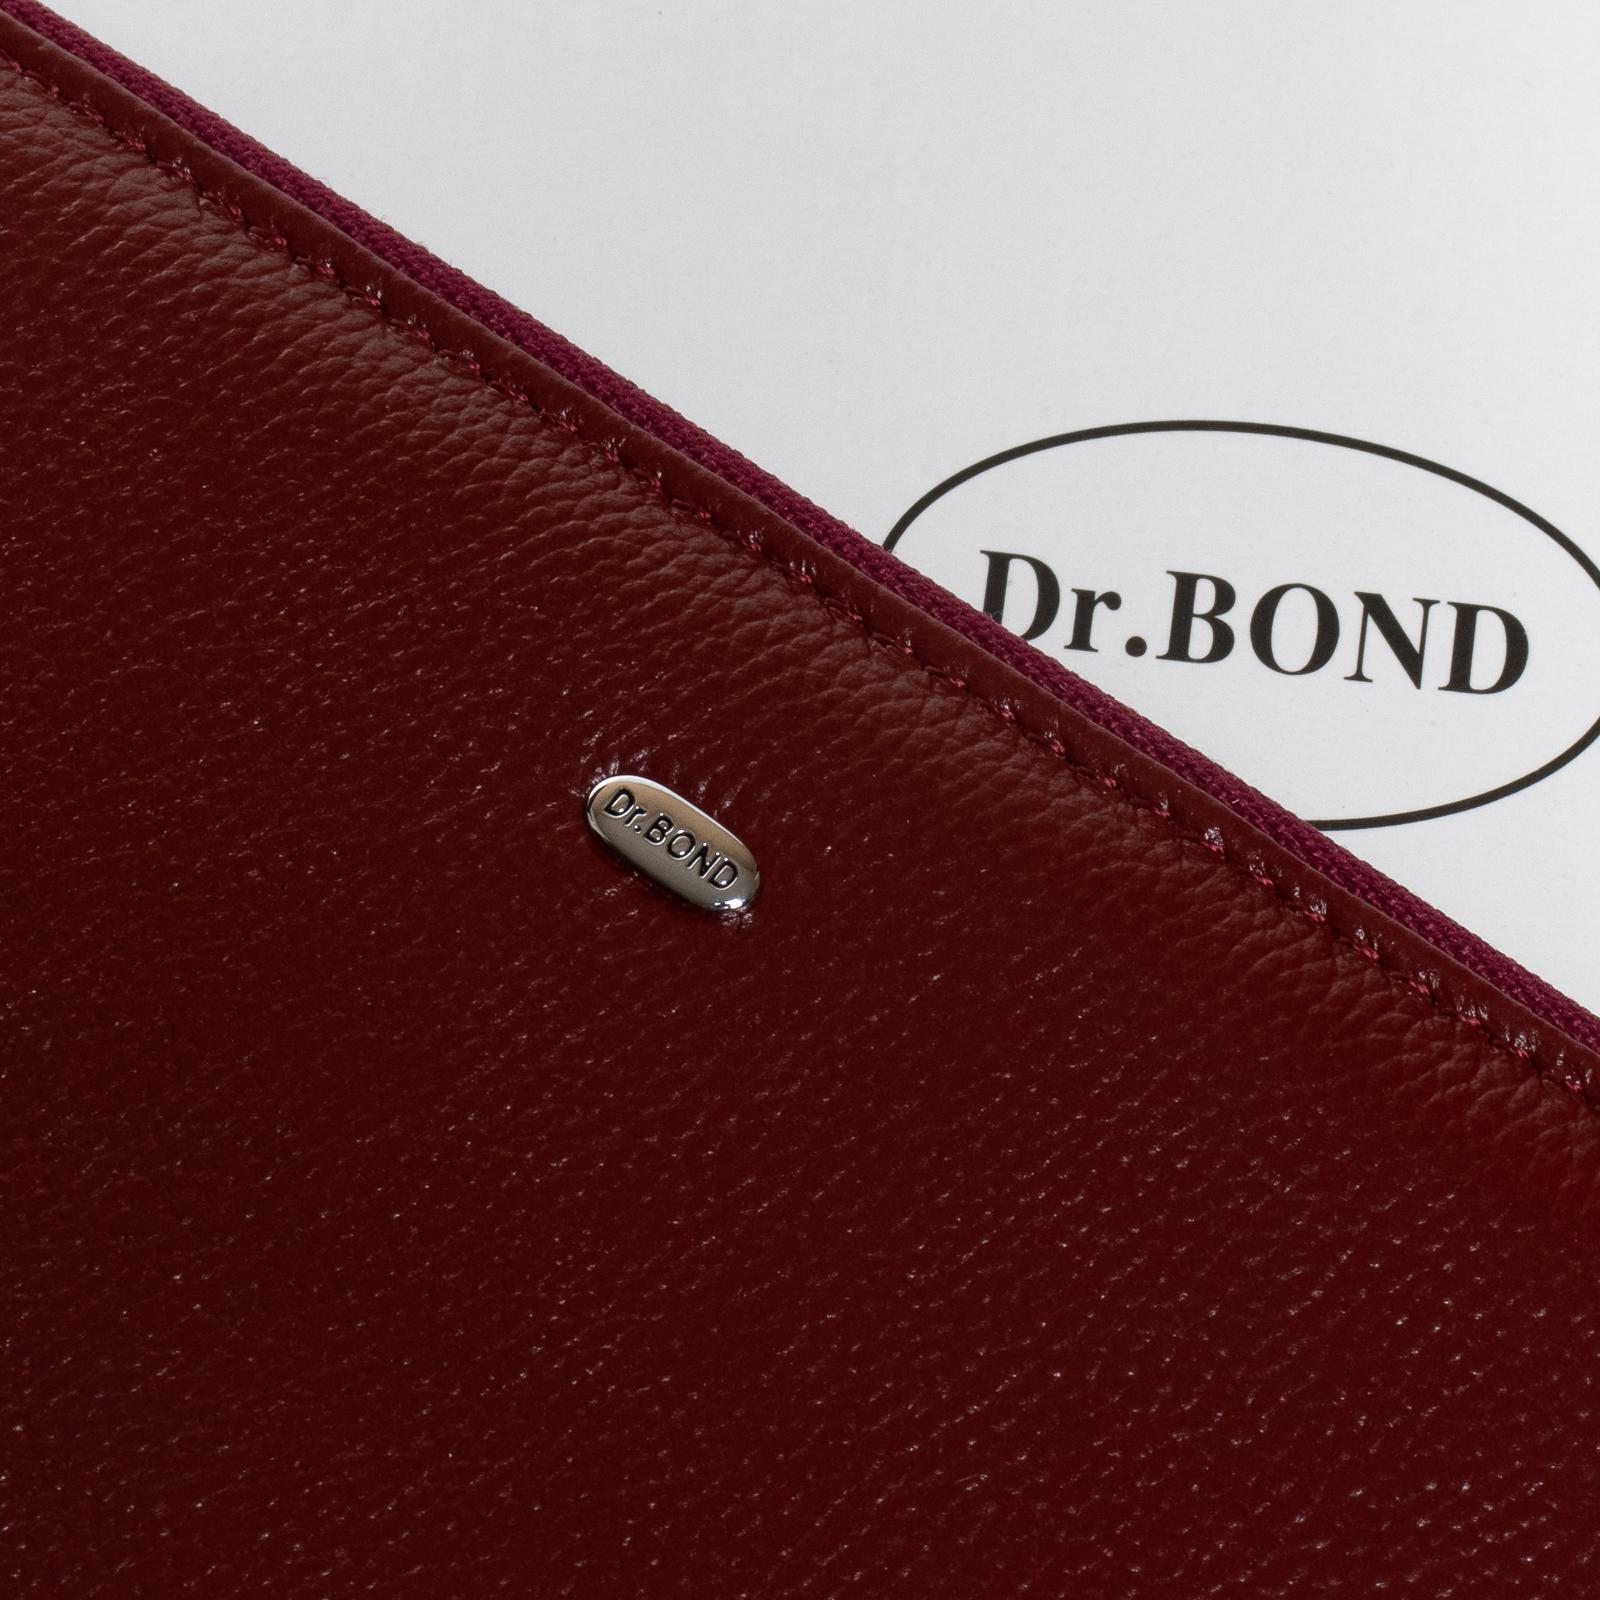 Кошелек Classic кожа DR. BOND W38 bordo - фото 3